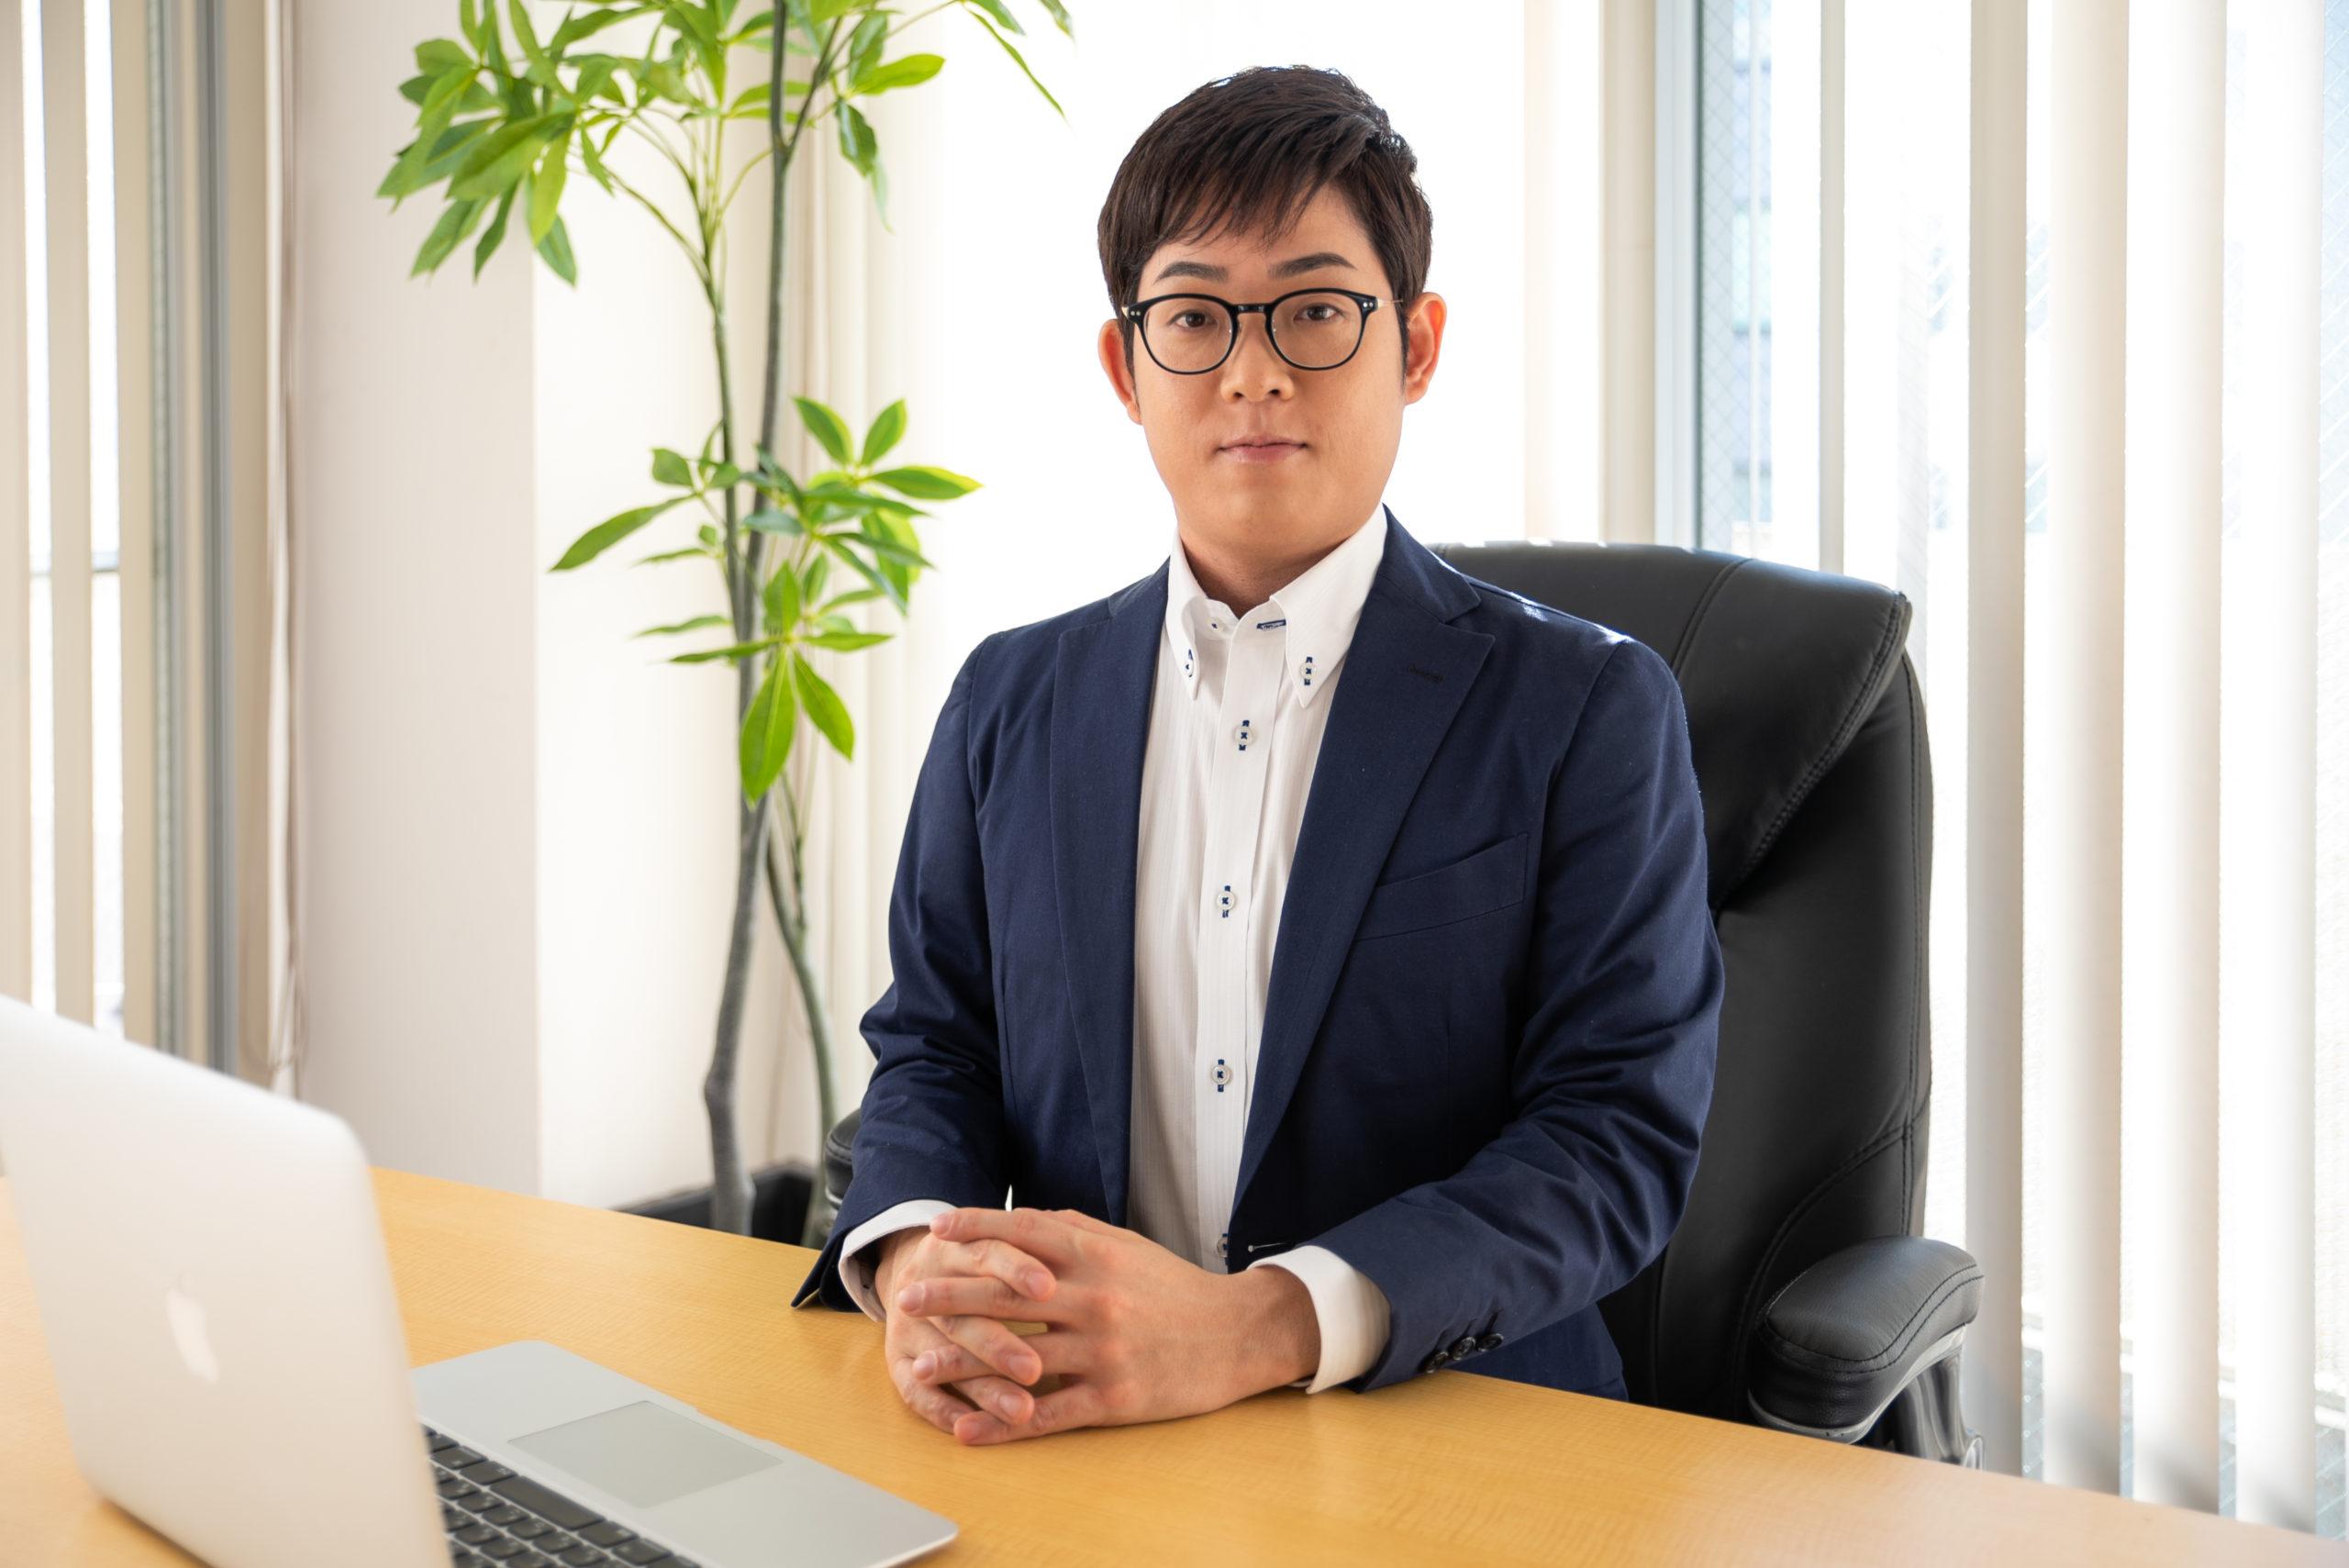 名古屋のWebマーケティング支援 イーポートのお客様の声 株式会社インハイ 松尾様